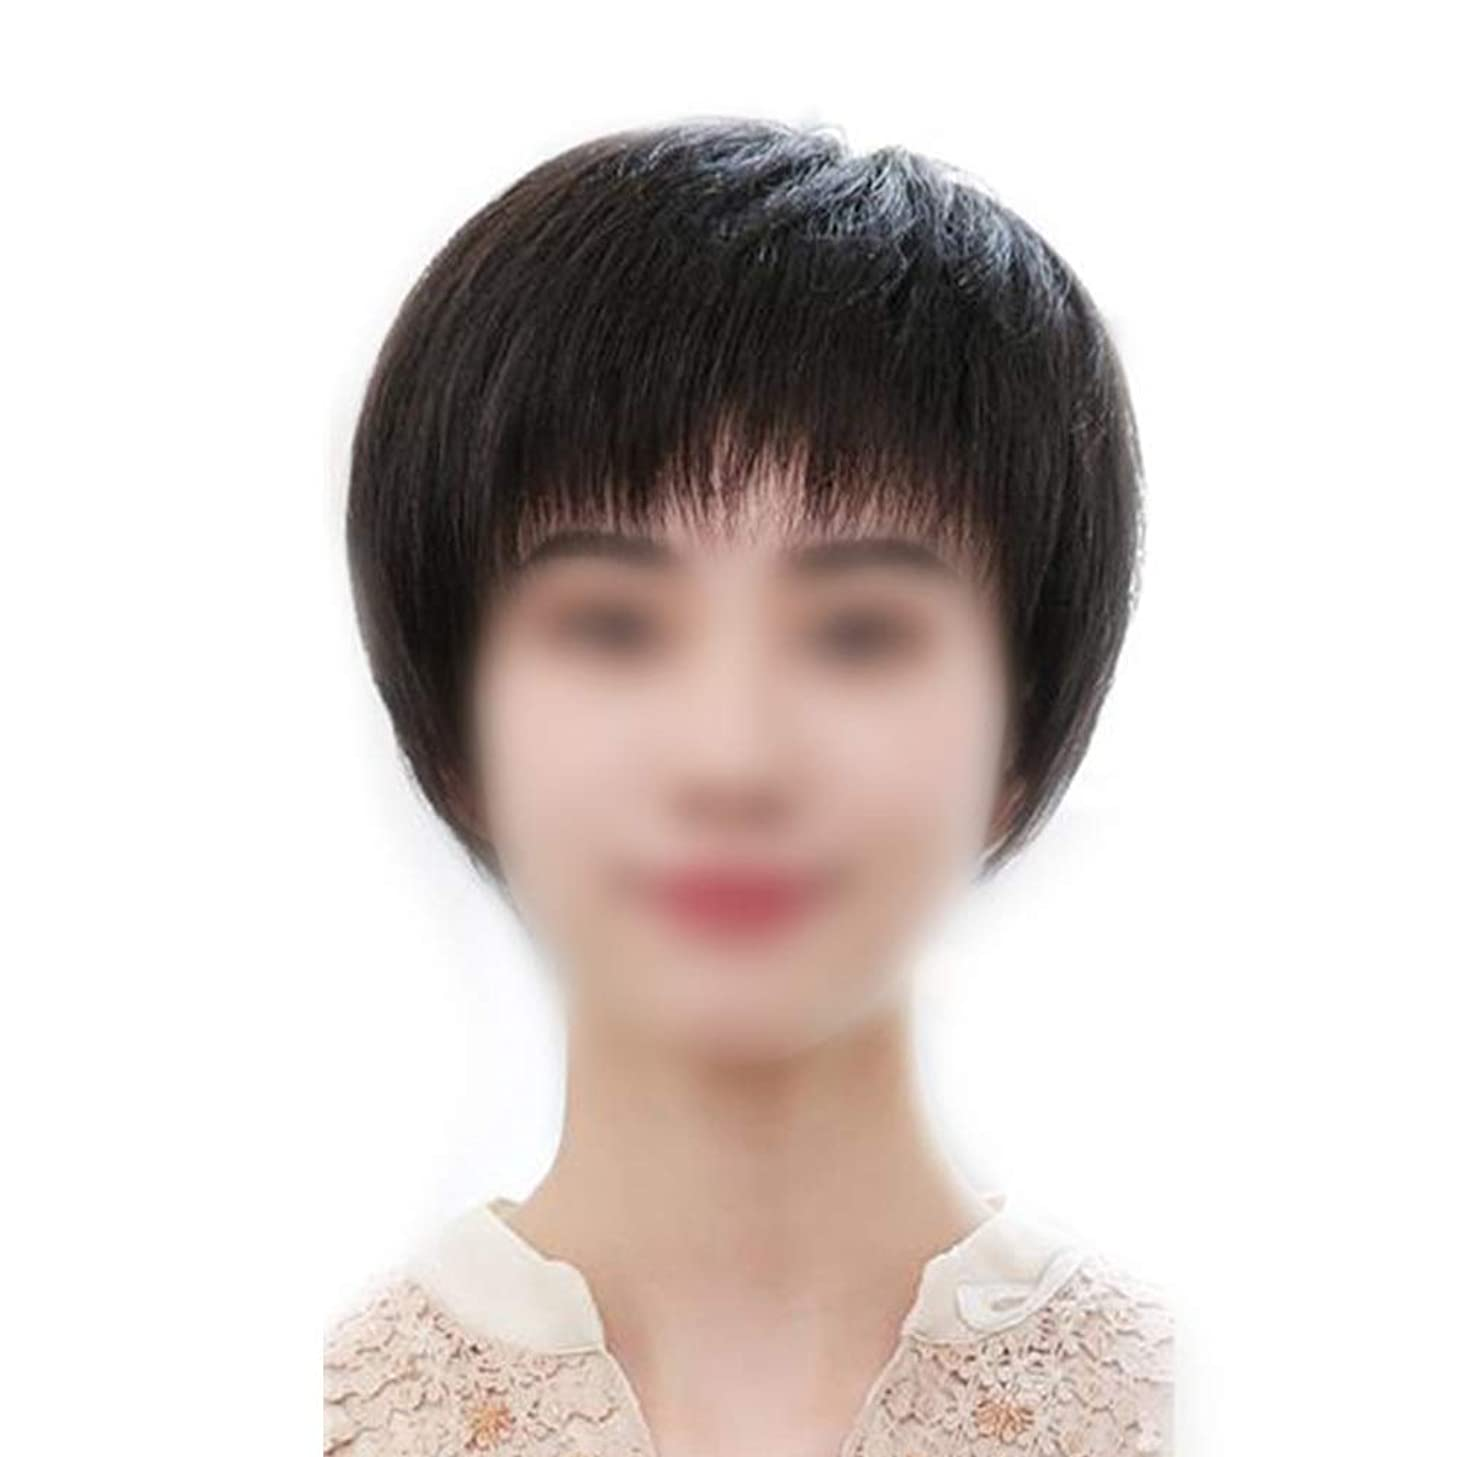 強風関係立場Yrattary 女性用ショートヘアフルハンドウィッグリアルヘアウィッグリアルなナチュラルルッキングロールプレイングウィッグキャップ (色 : Natural black)